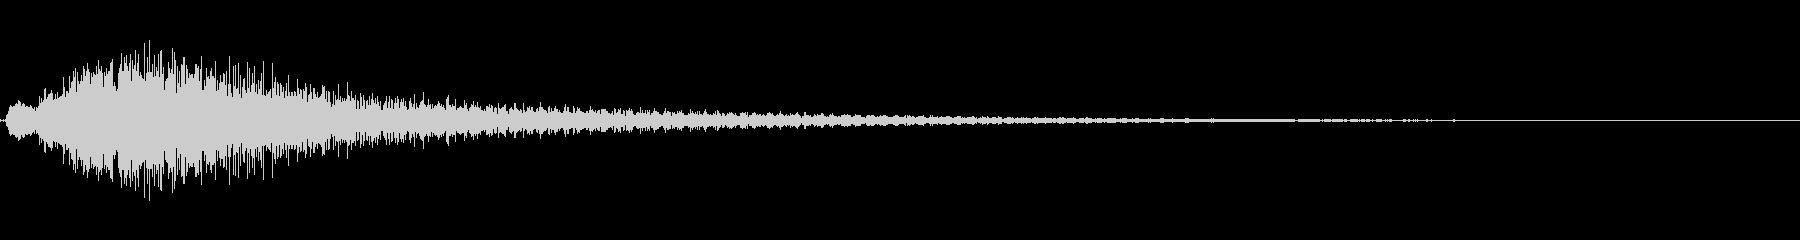 優雅な和風サウンド琴の下降フレーズ+FXの未再生の波形